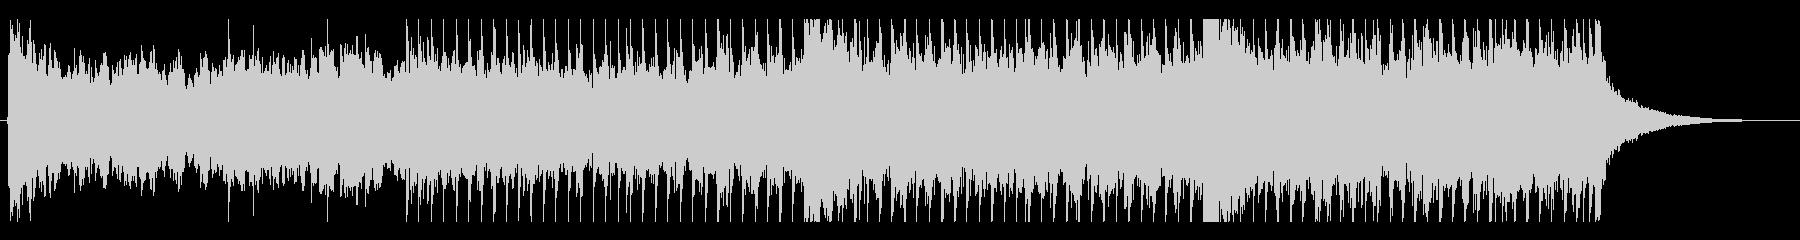 冠婚葬祭・MV・メモリアル向けピアノ曲の未再生の波形